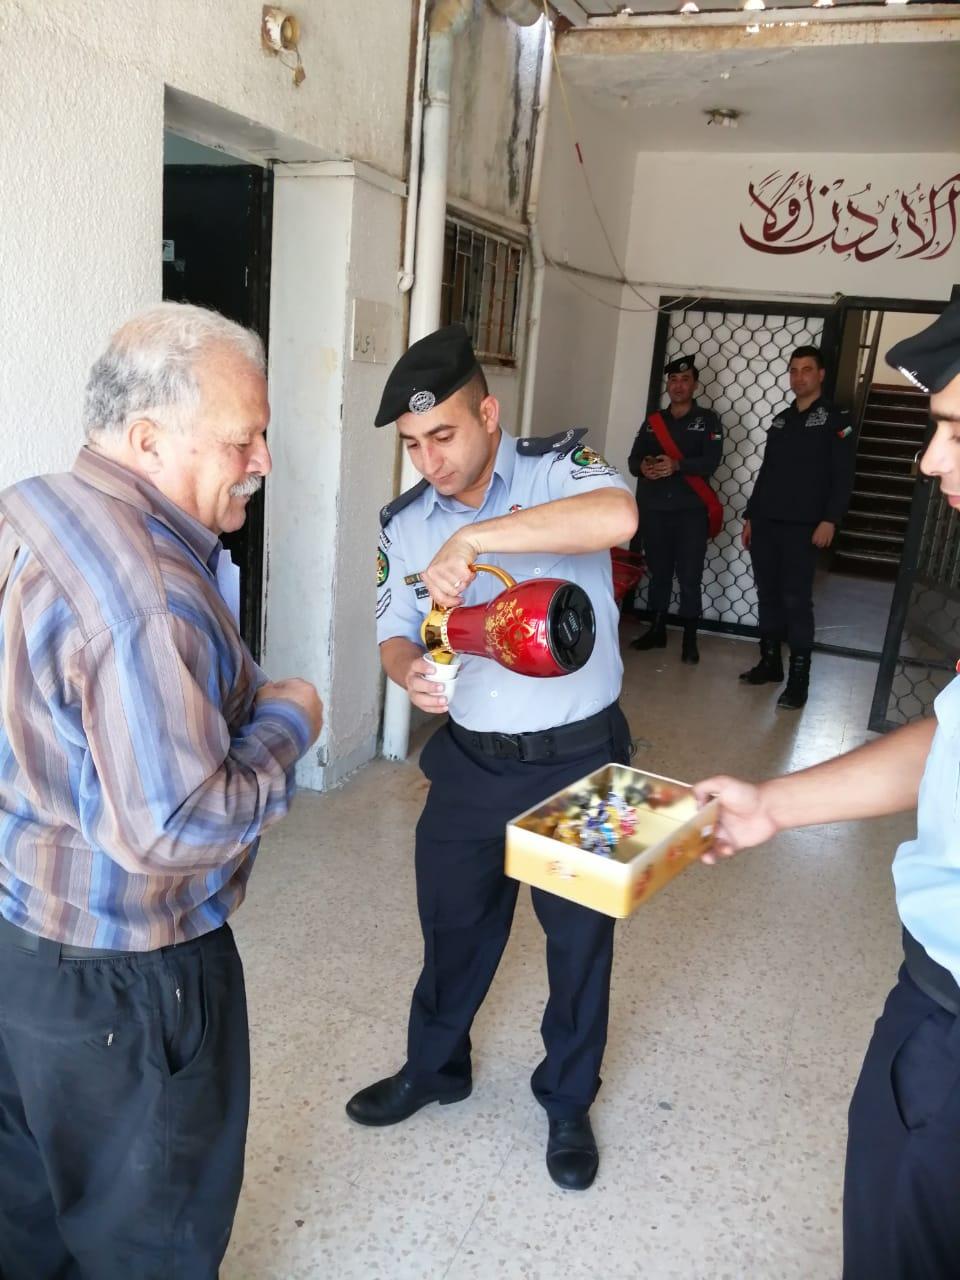 قسم ترخيص المفرق يقوم بتوزيع الحلوى على المواطنين